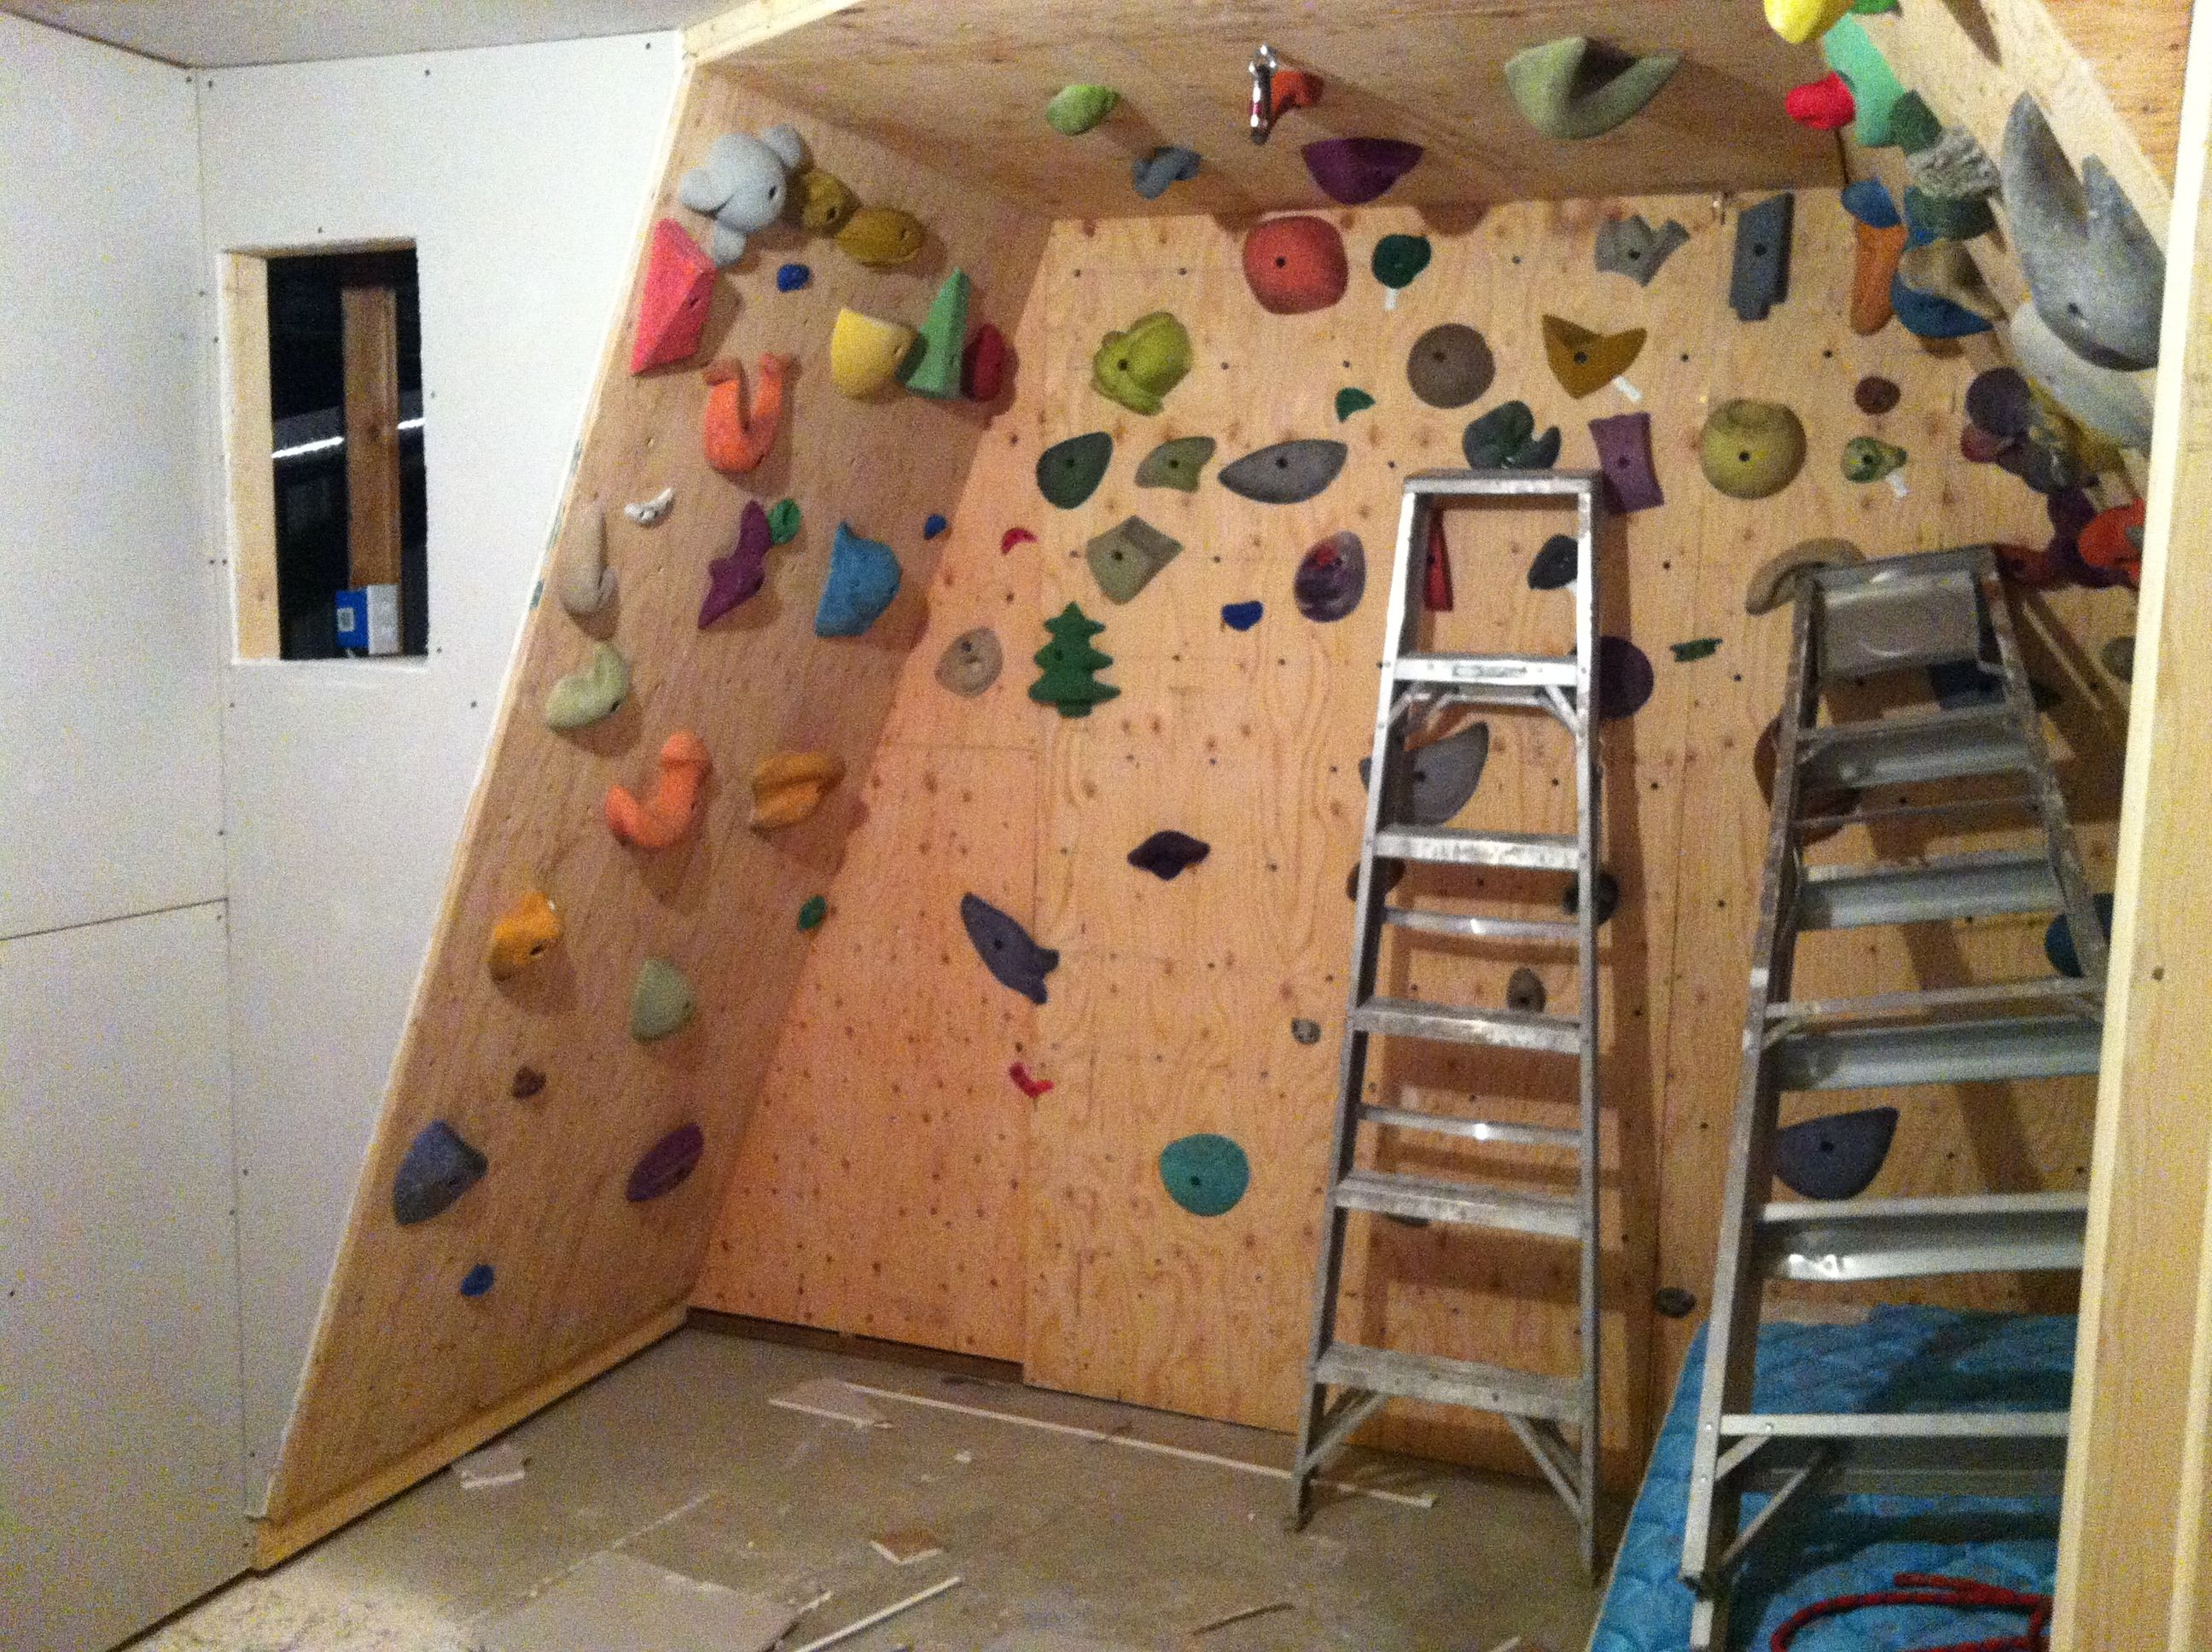 Home Rock Climbing Wall Design Mur D Escalade Maison Mur D Escalade Interieur Escalade En Salle